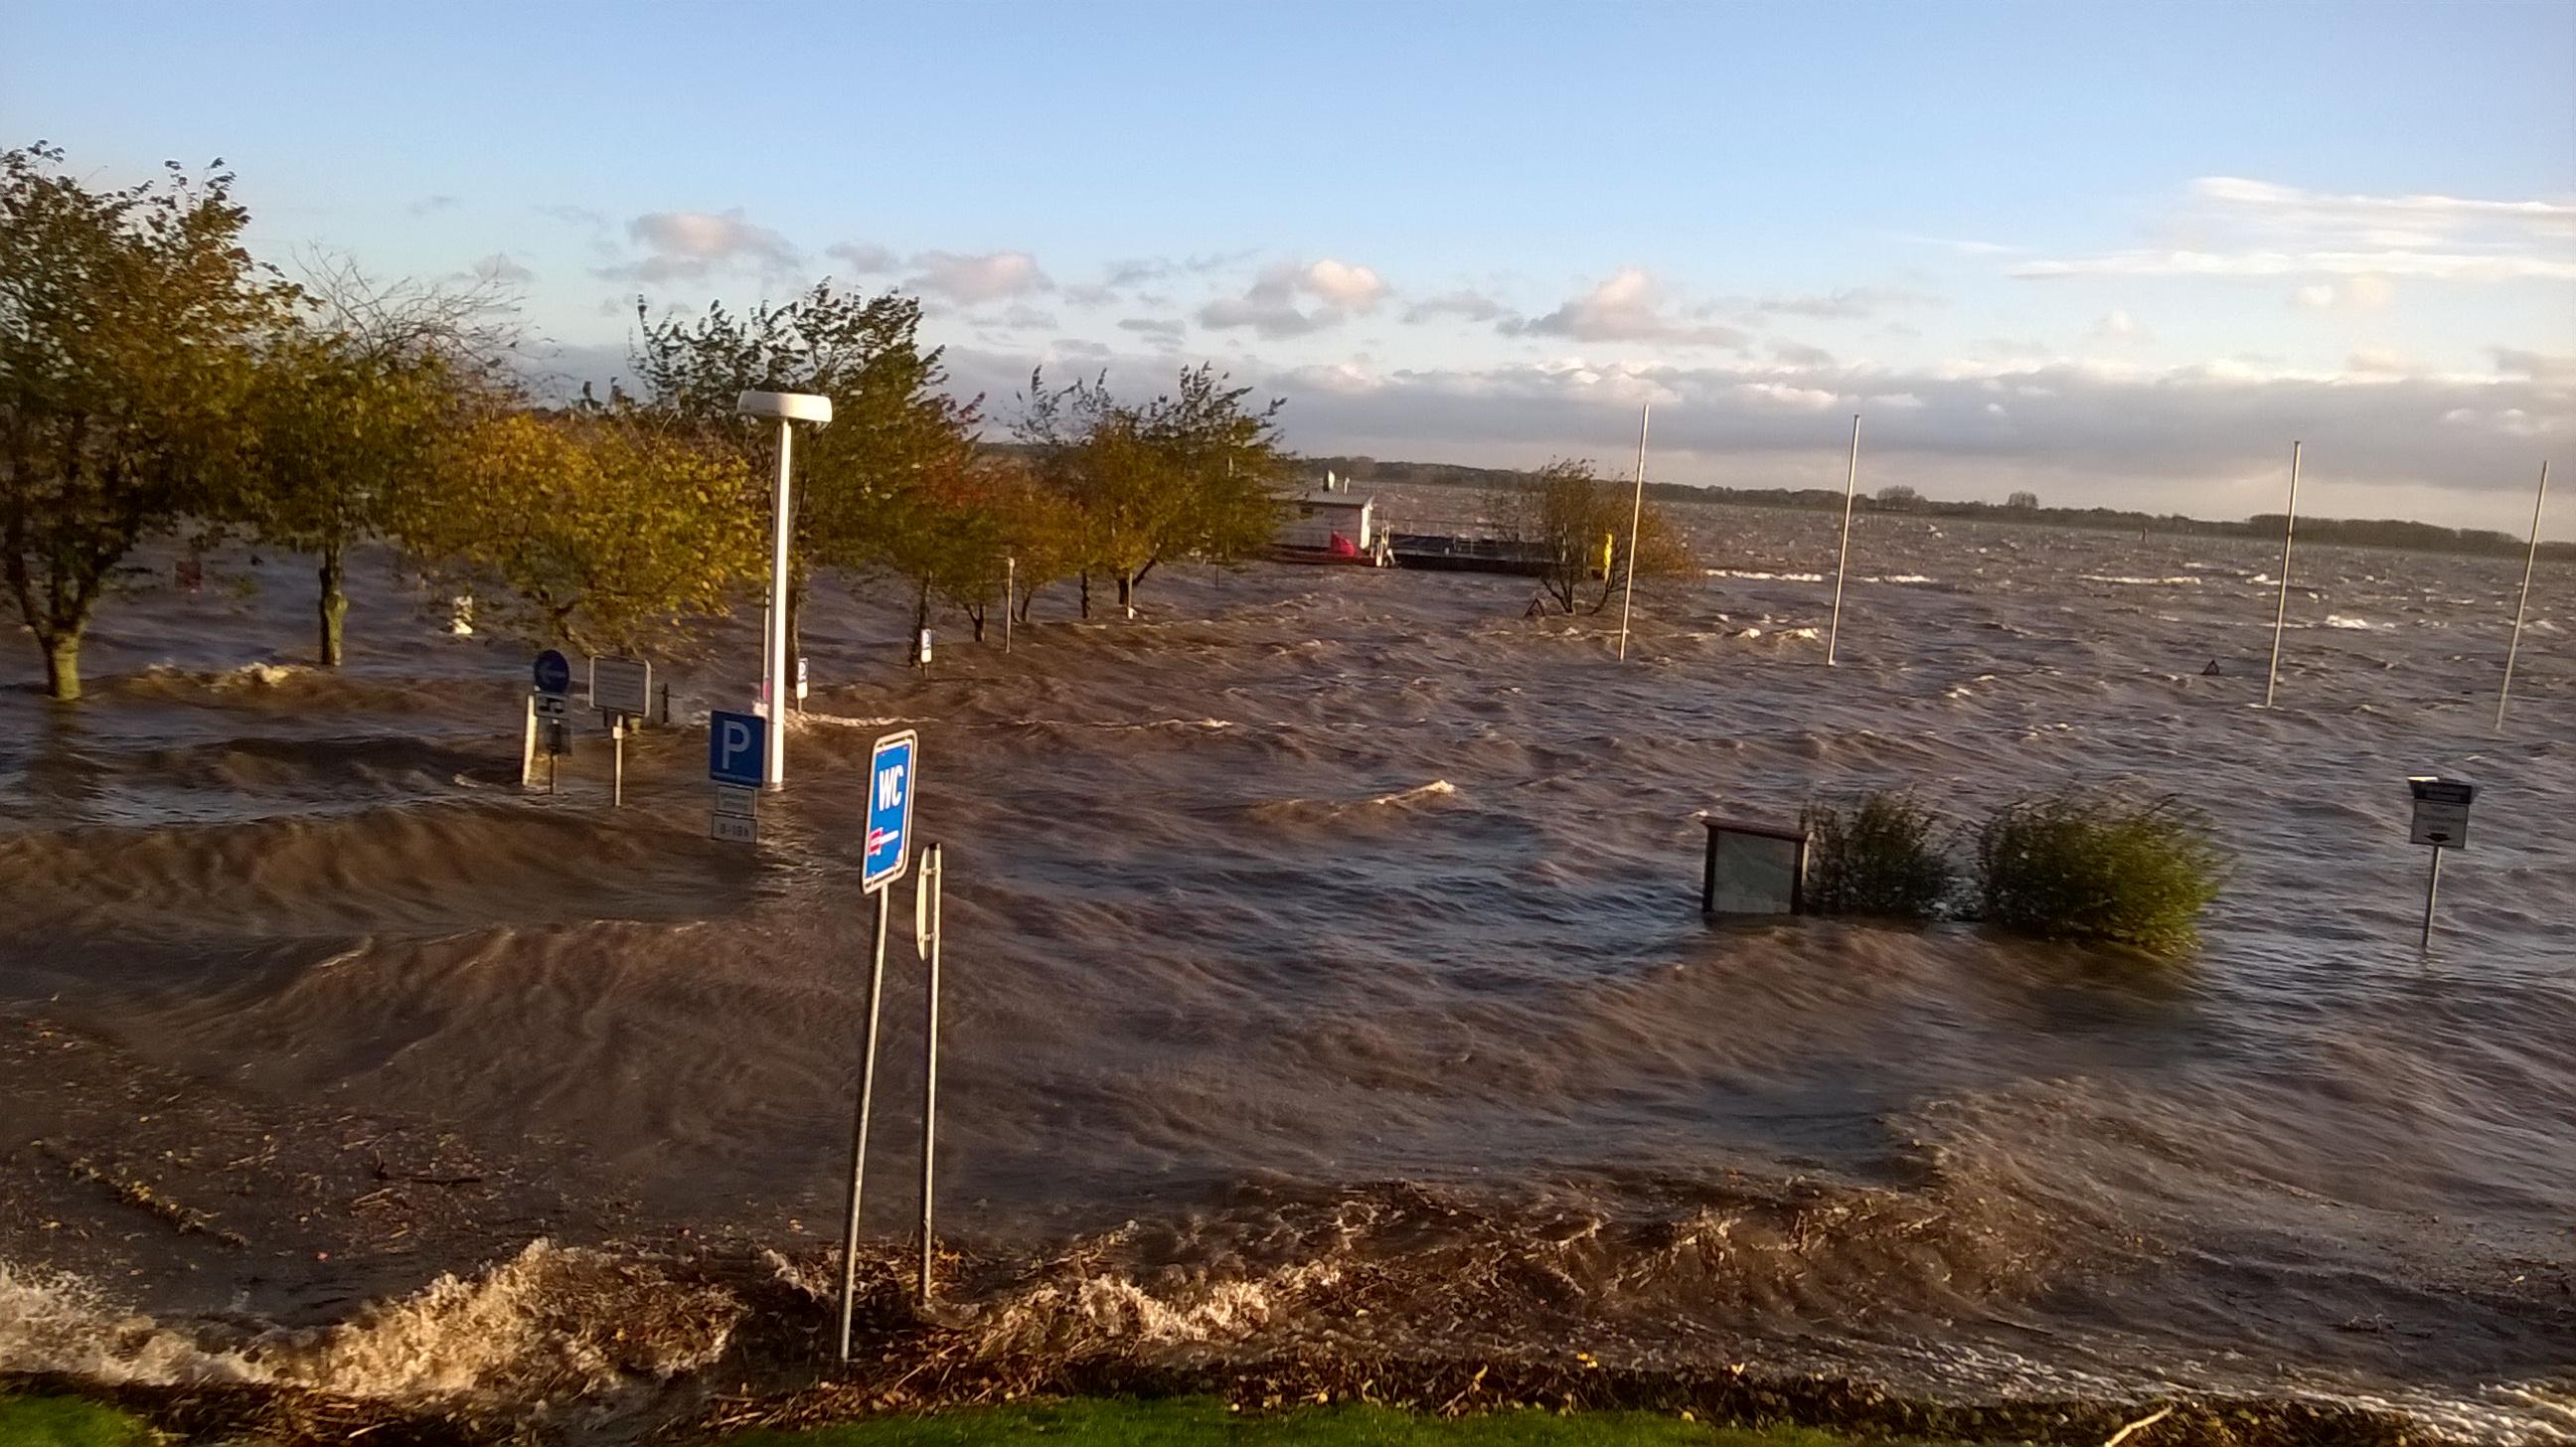 Sturm, Elbe, Lüheanleger, Flut, Sturmflut